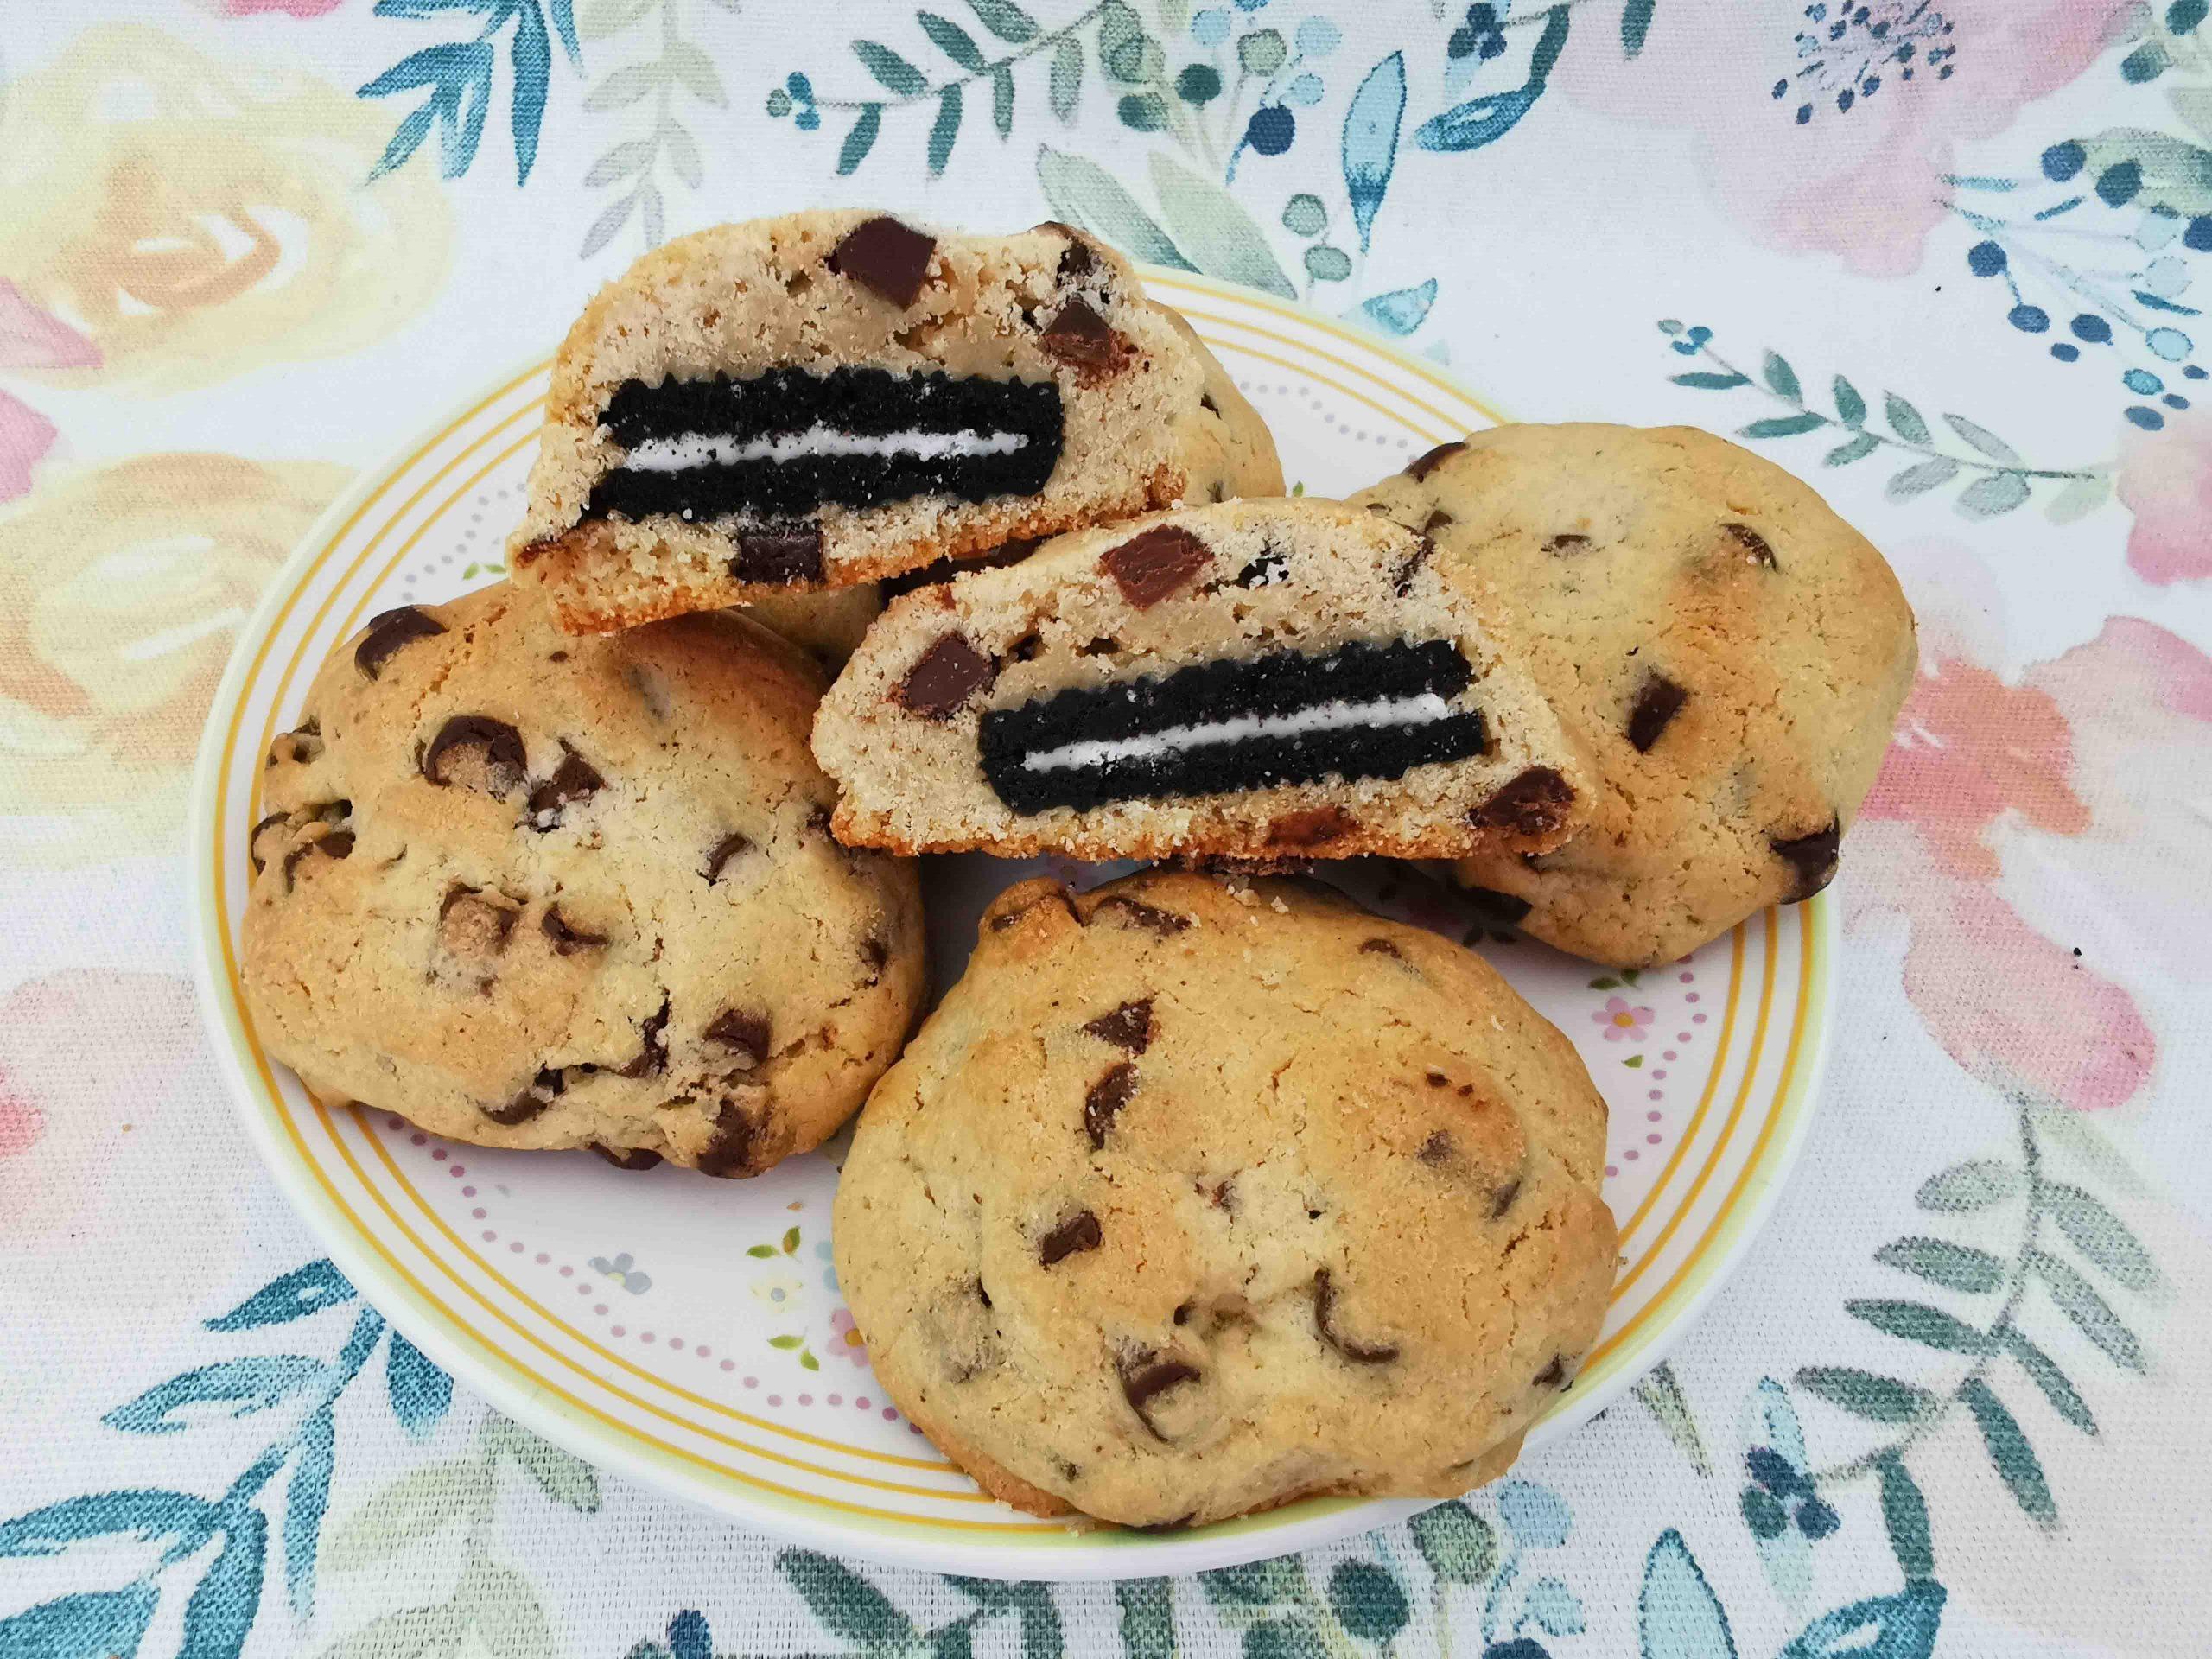 chocolate chip cookies op een bordje, 1 koekje is doorgesneden zodat je het oreo koekje goed kunt zien